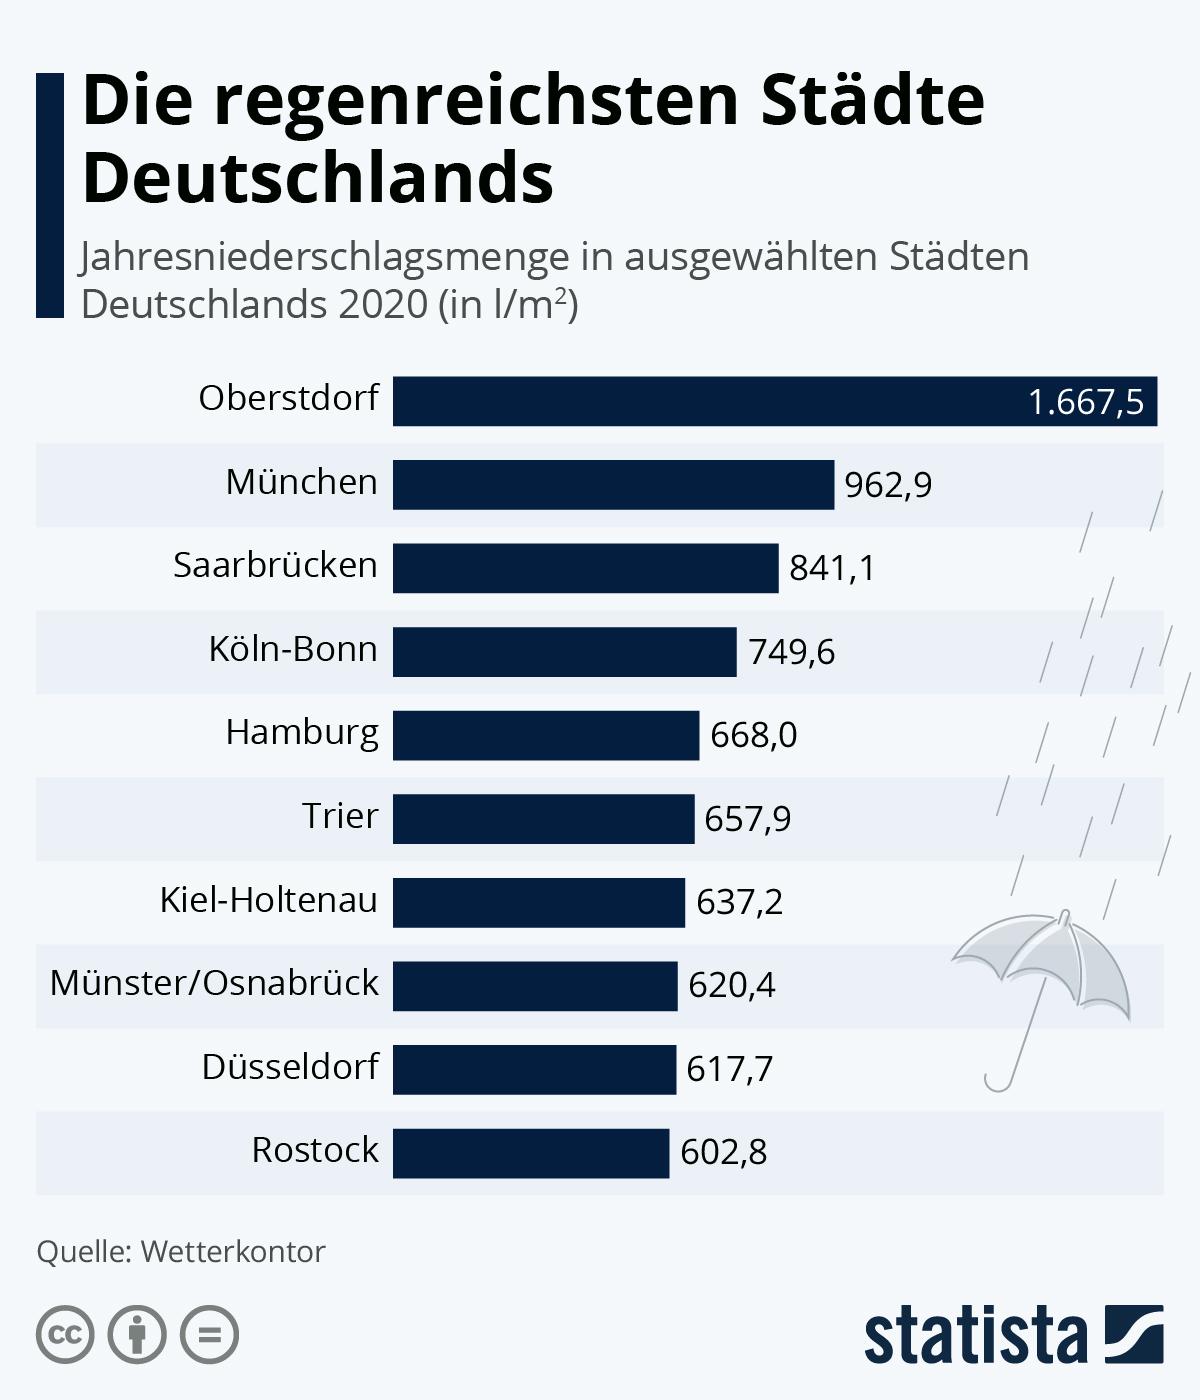 Die regenreichsten Städte Deutschlands | Statista